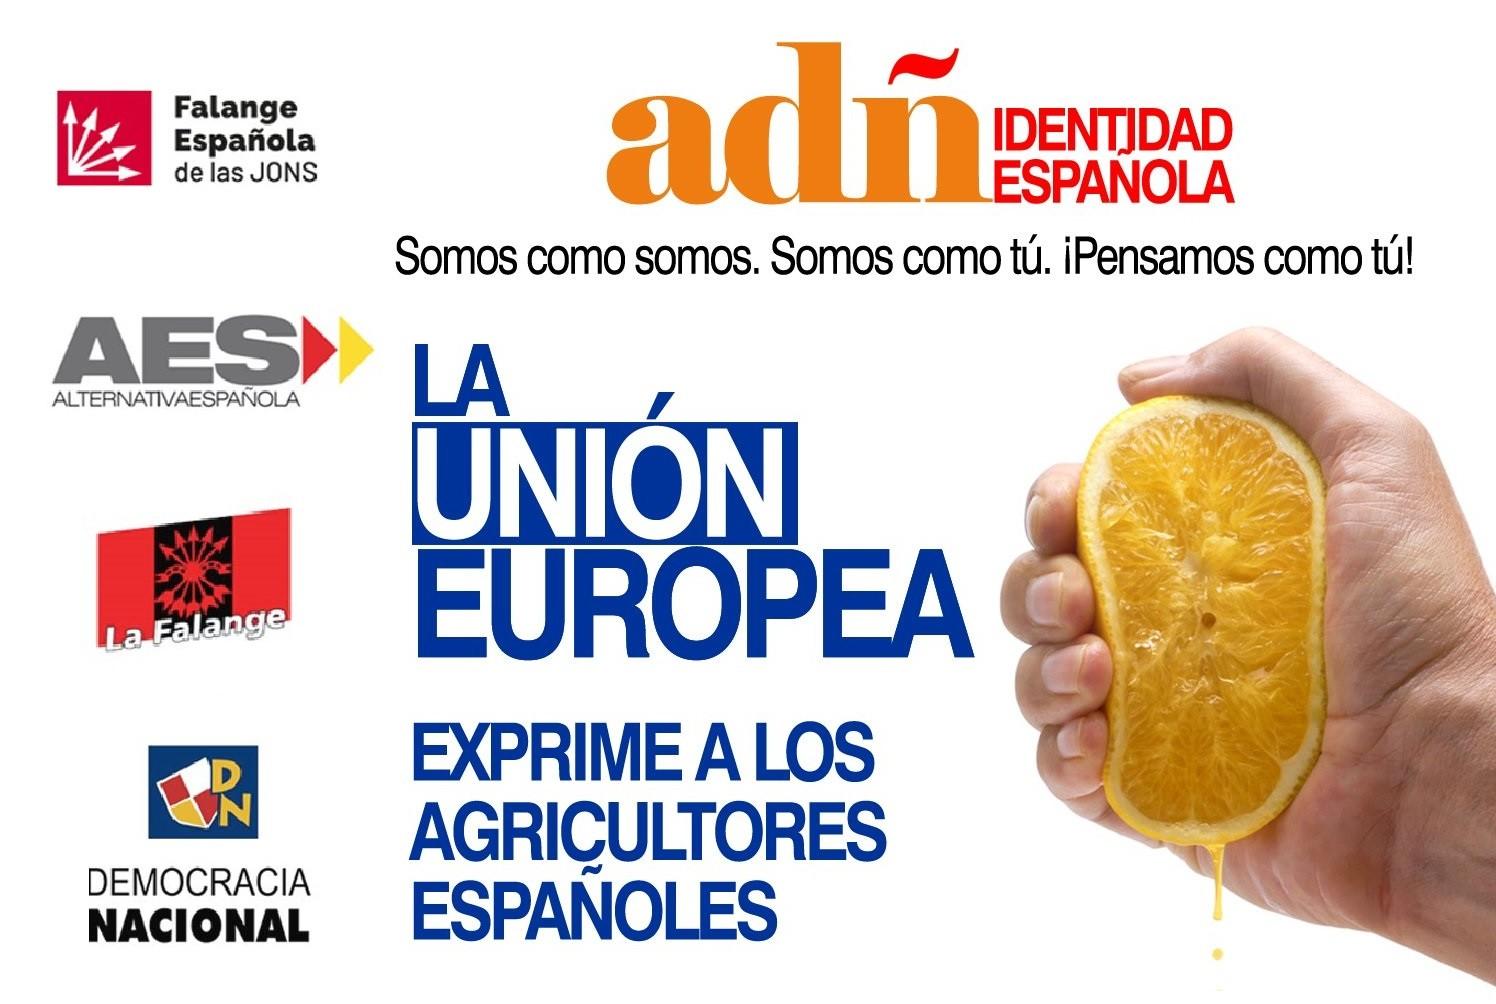 Jornada de lucha con los maltratados agricultores españoles